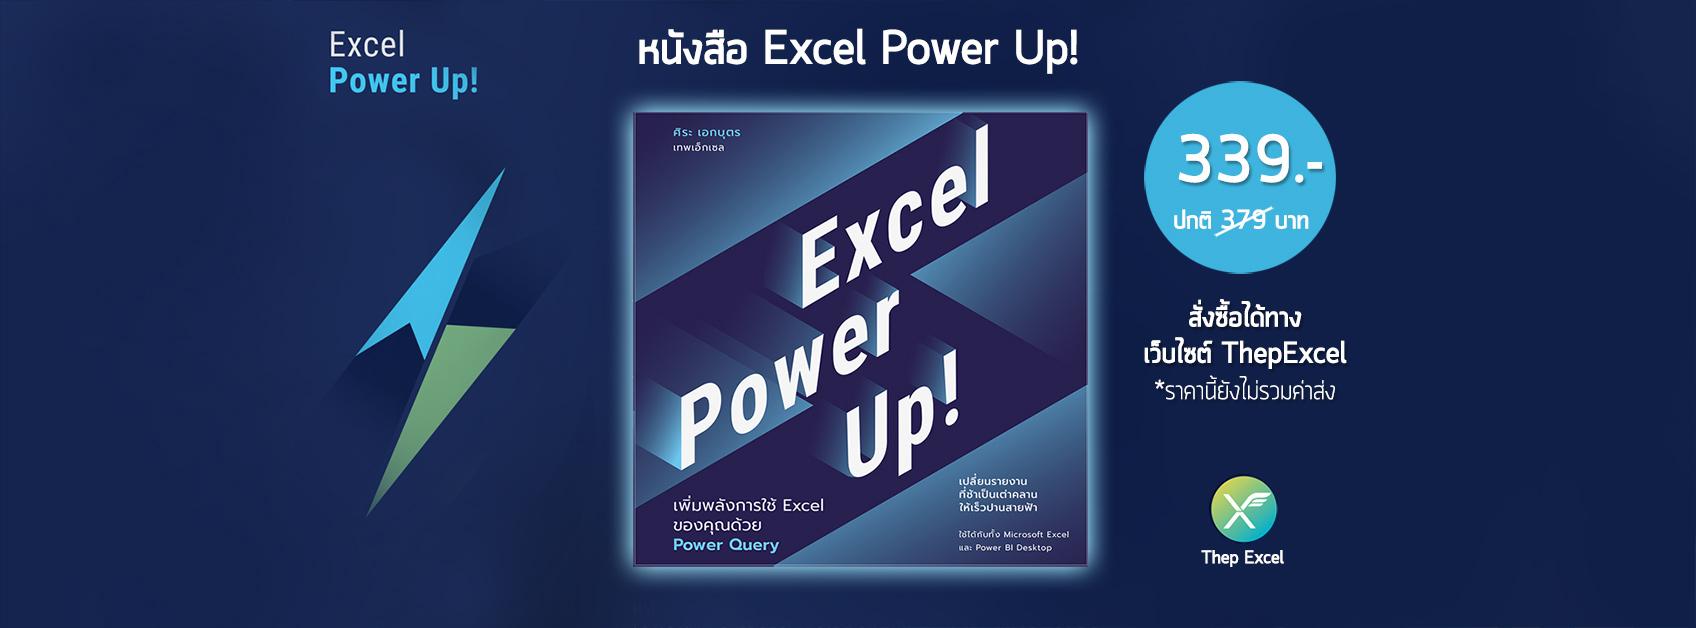 หนังสือ Excel Power Up! : เพิ่มพลังการใช้ Excel ของคุณด้วย Power Query 7